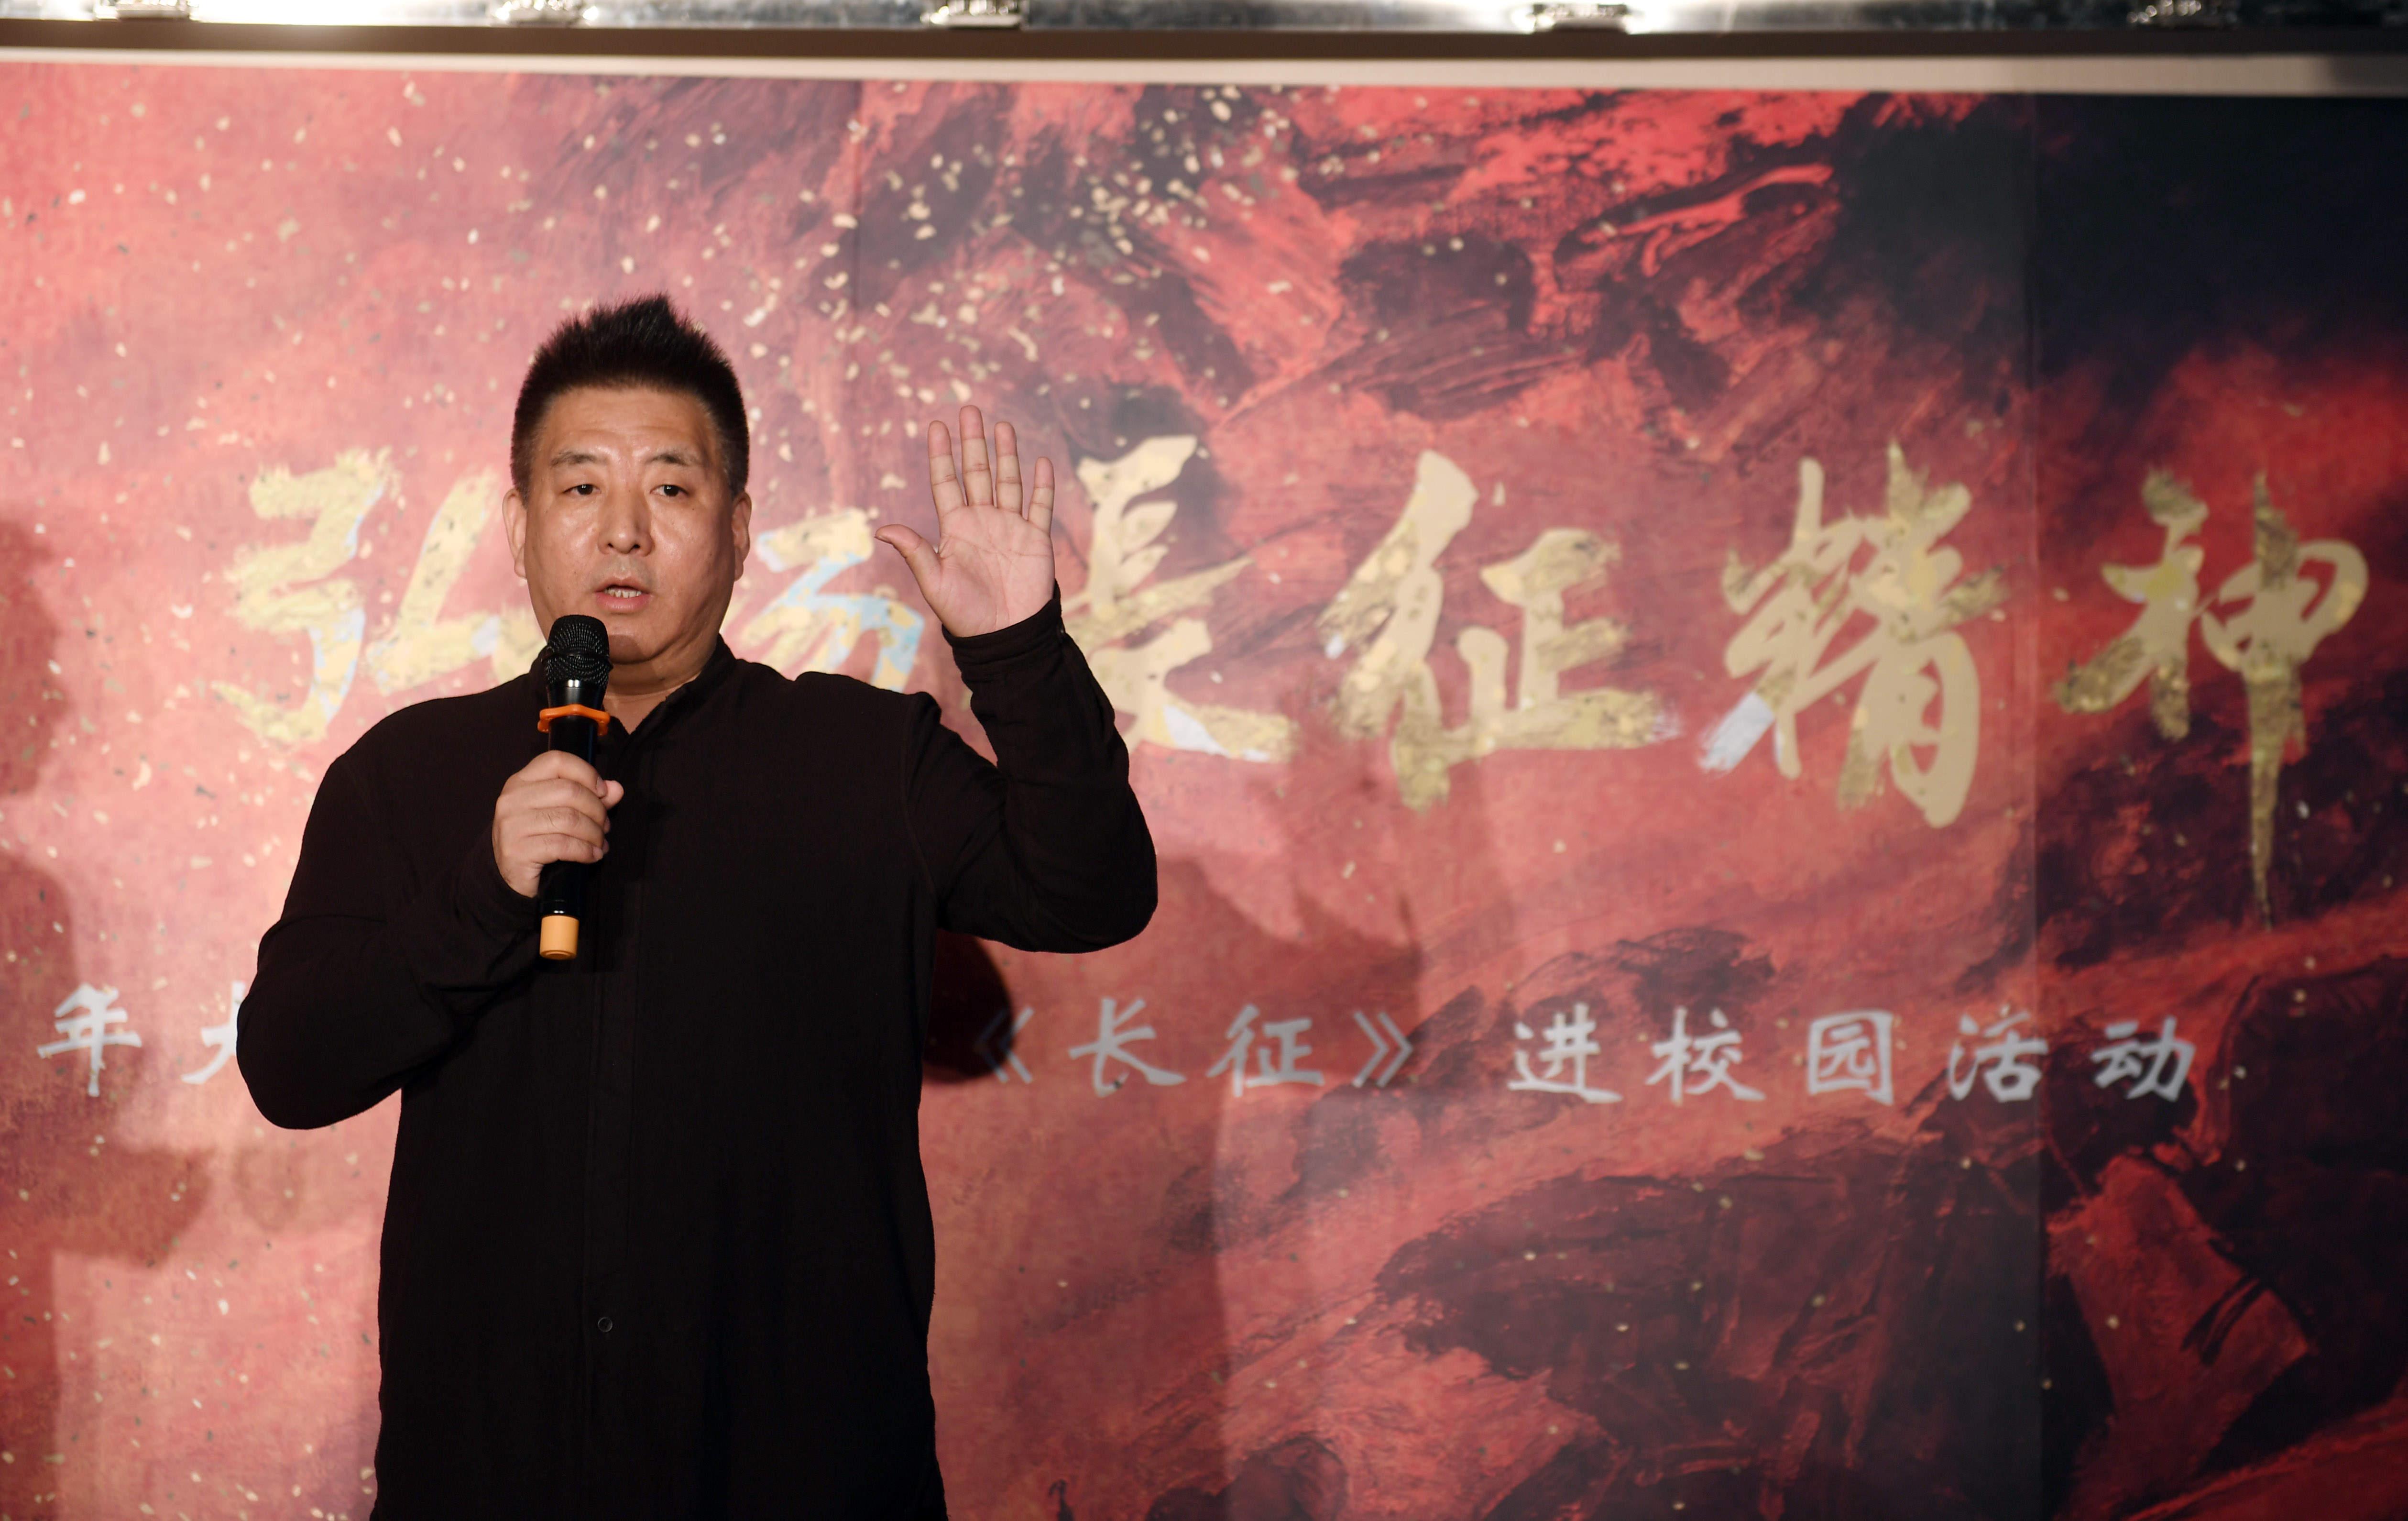 纪录片《长征》总导演闫东在中国人民大学与师生分享该片的创新和特色(2016年10月10日摄)。 新华社记者 金良快 摄